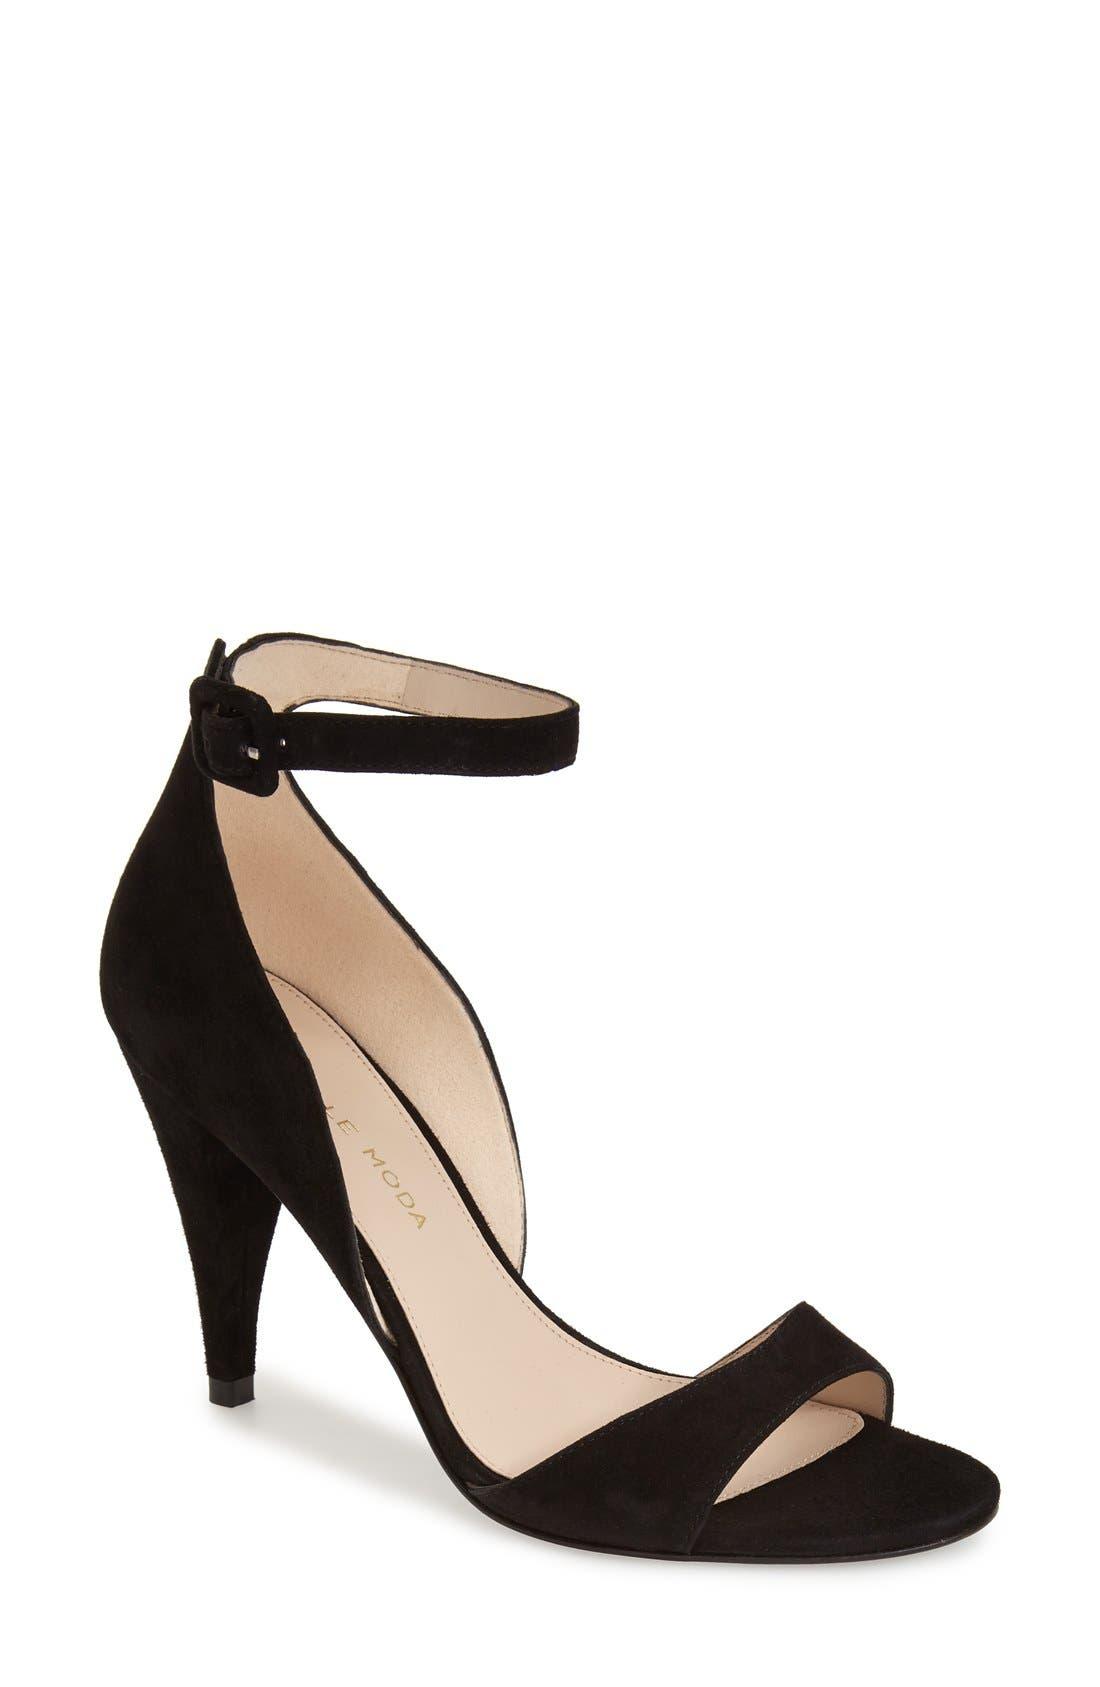 Main Image - Pelle Moda'Foster' Ankle Strap Sandal (Women)